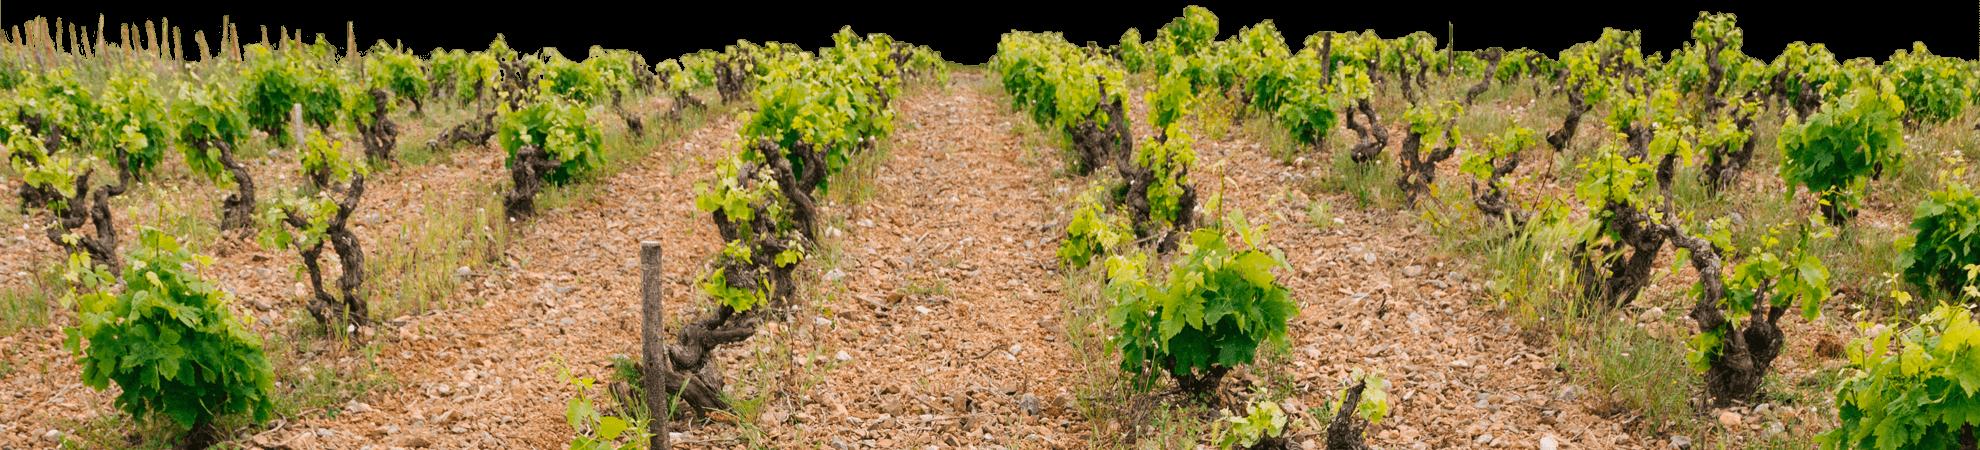 jeunes pousses vigne